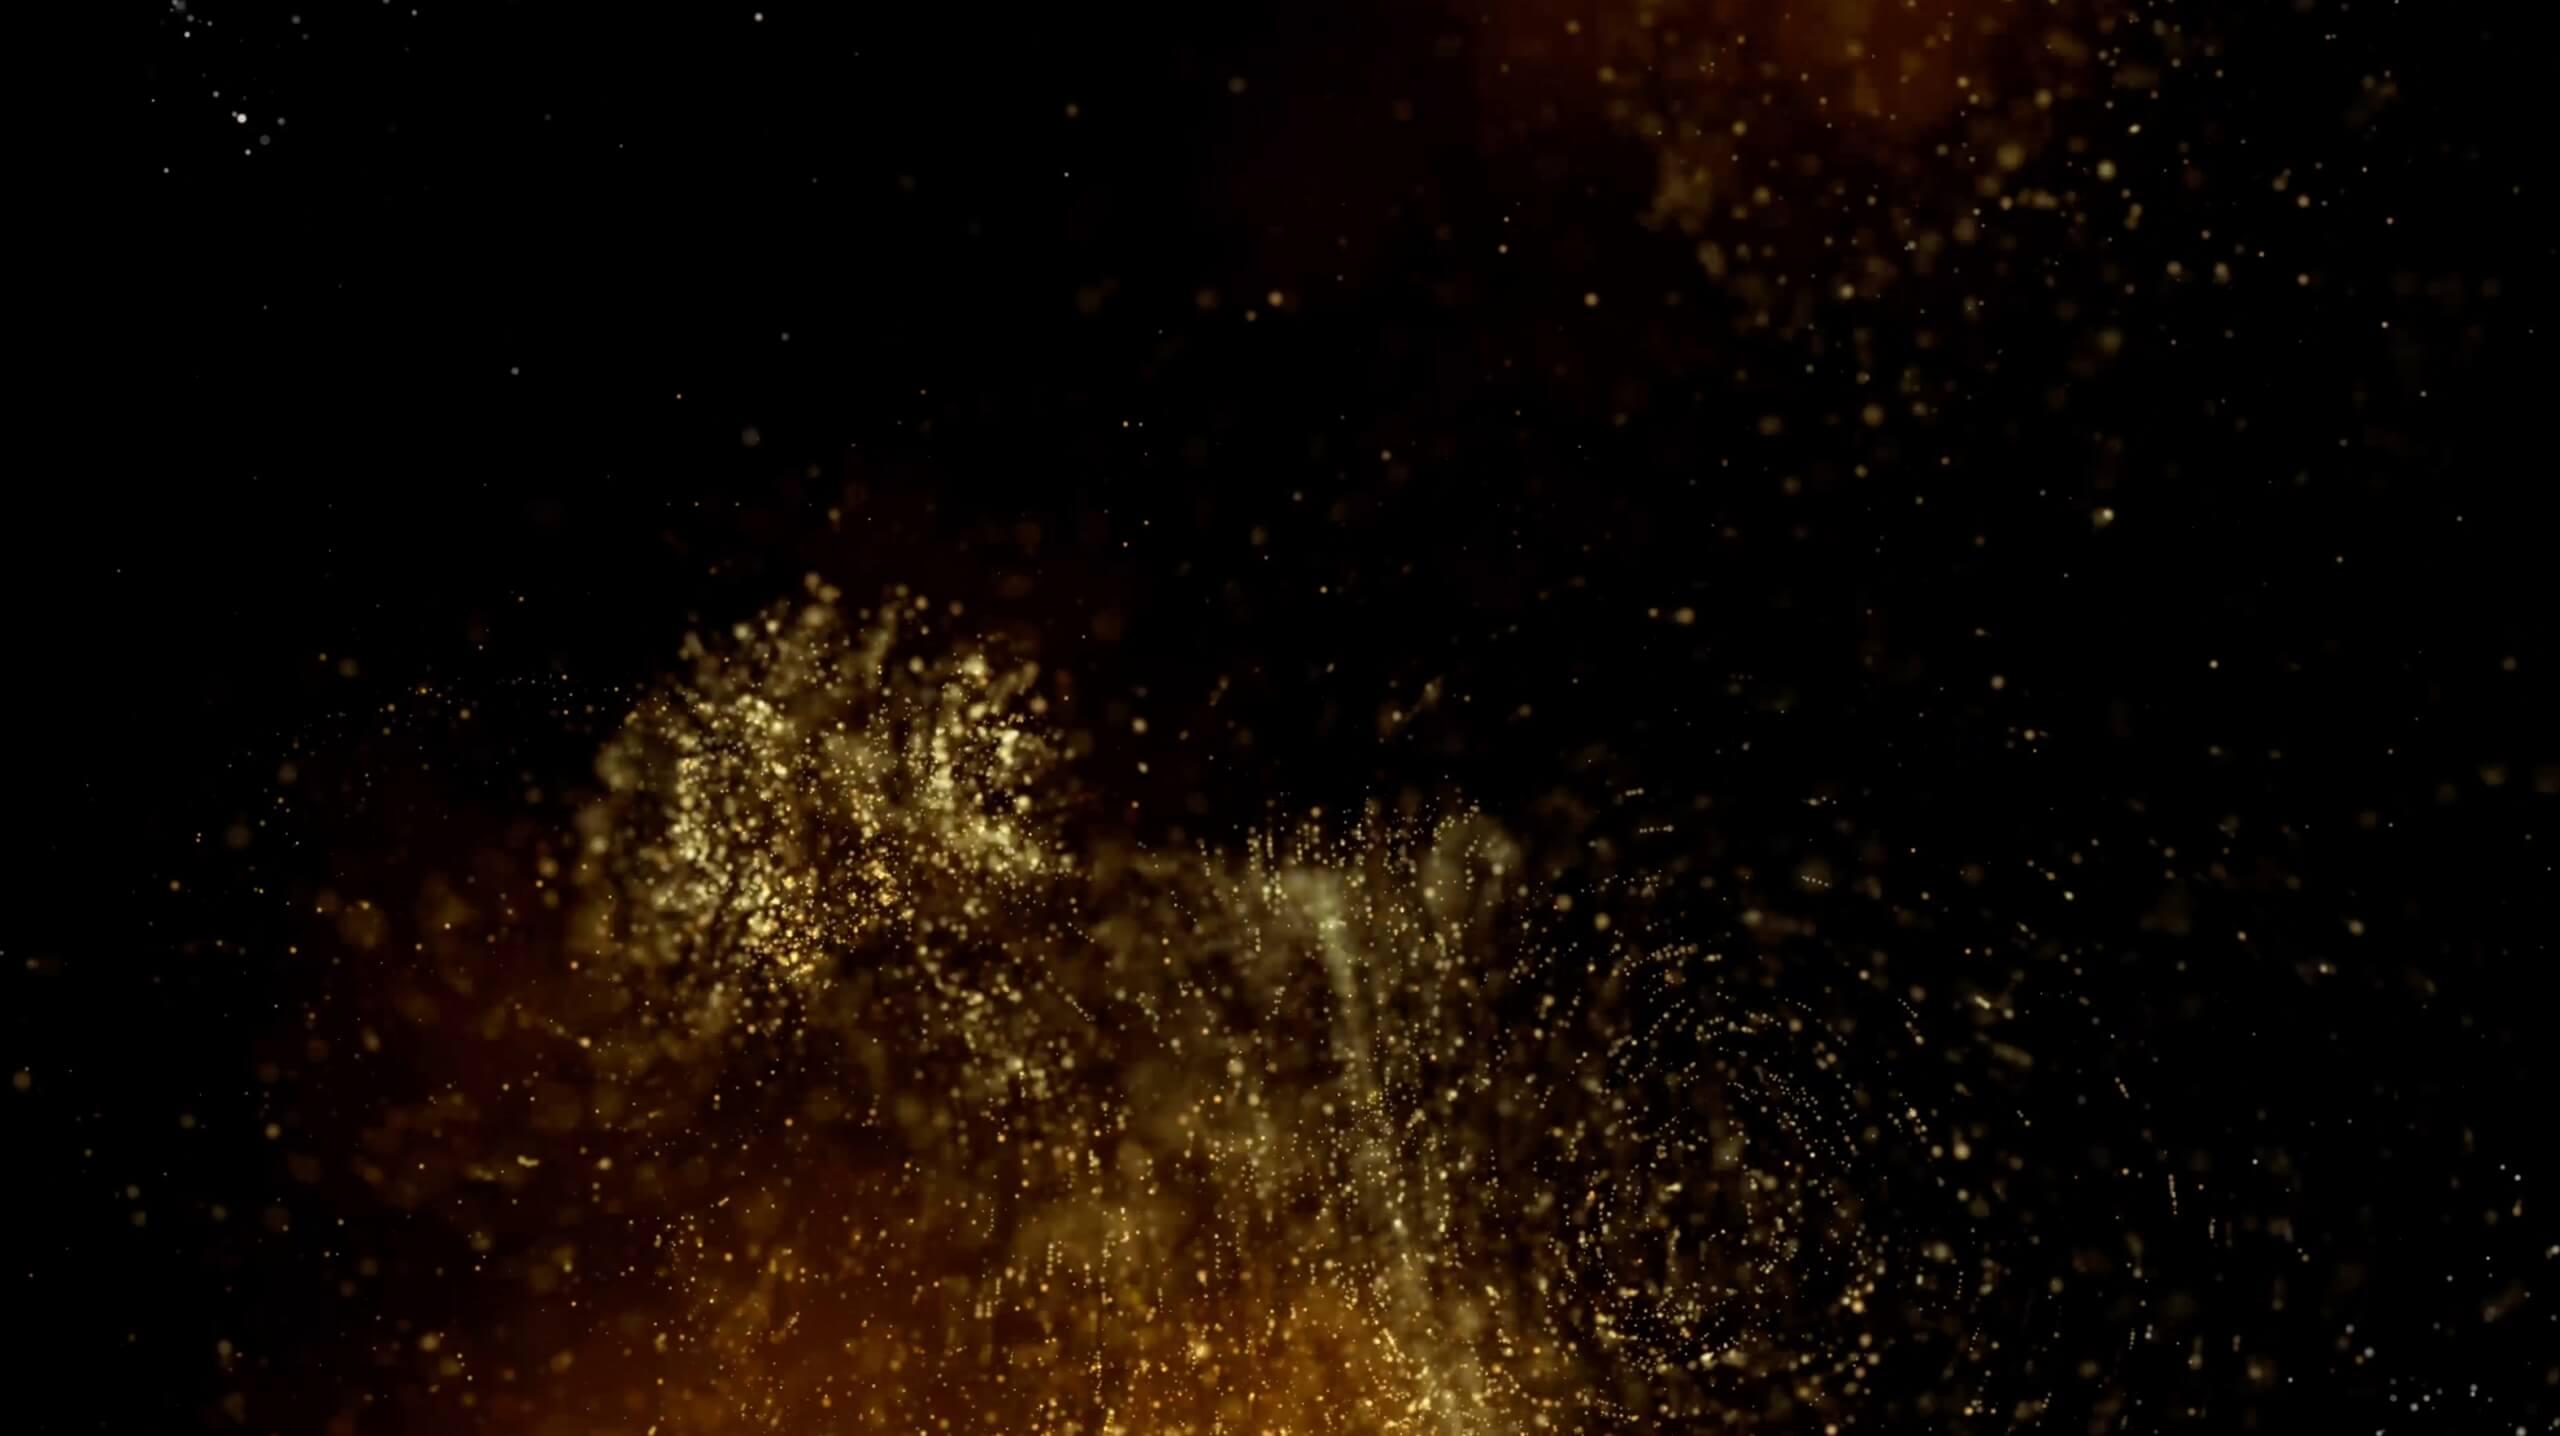 视频素材 20个4K金色粒子背景素材 Gold Glitter Background